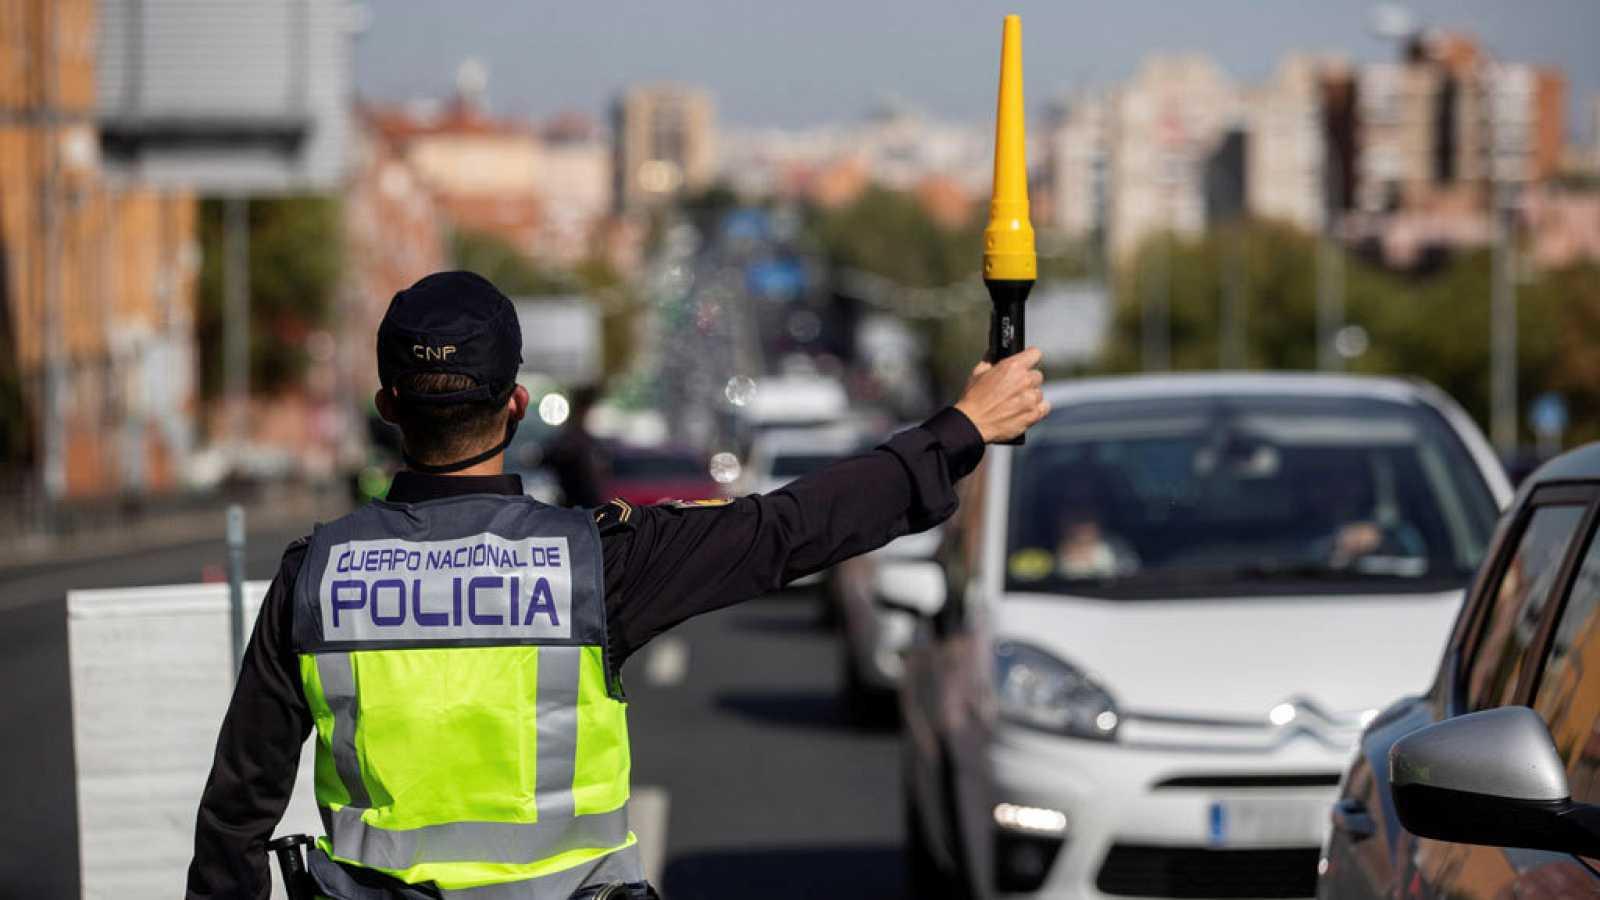 controlpoliciamadrid 1